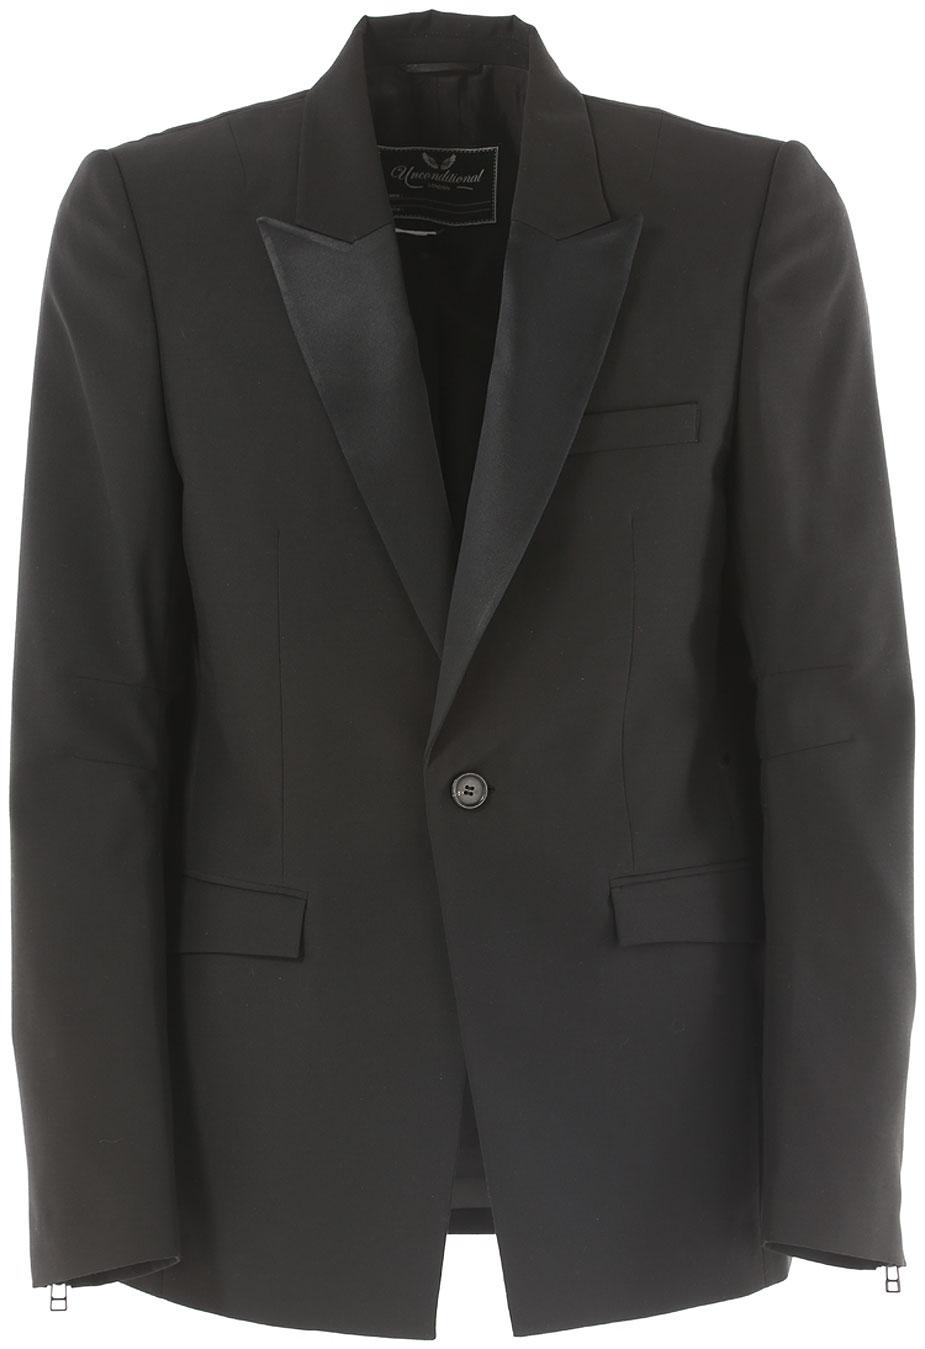 Abbigliamento Unconditional Abbigliamento Articolo Uomo Uomo Codice B633 jk238p Unconditional B633 Articolo jk238p Codice rrqC8w6